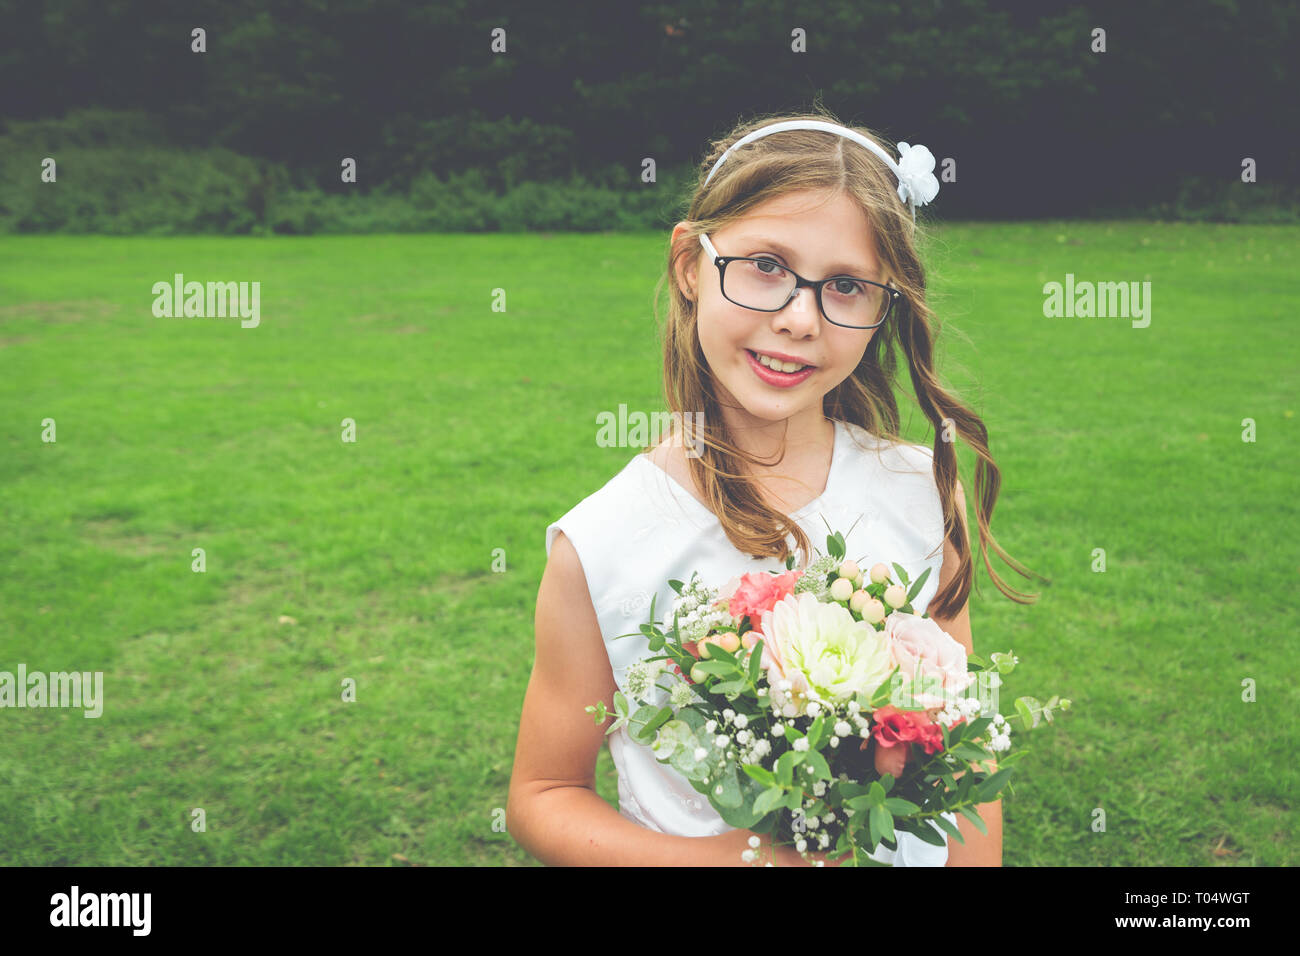 412134f01943 Ragazza dolce bambino damigella in abito bianco e i bicchieri con fiori  selvaggi e vegetazione posy -